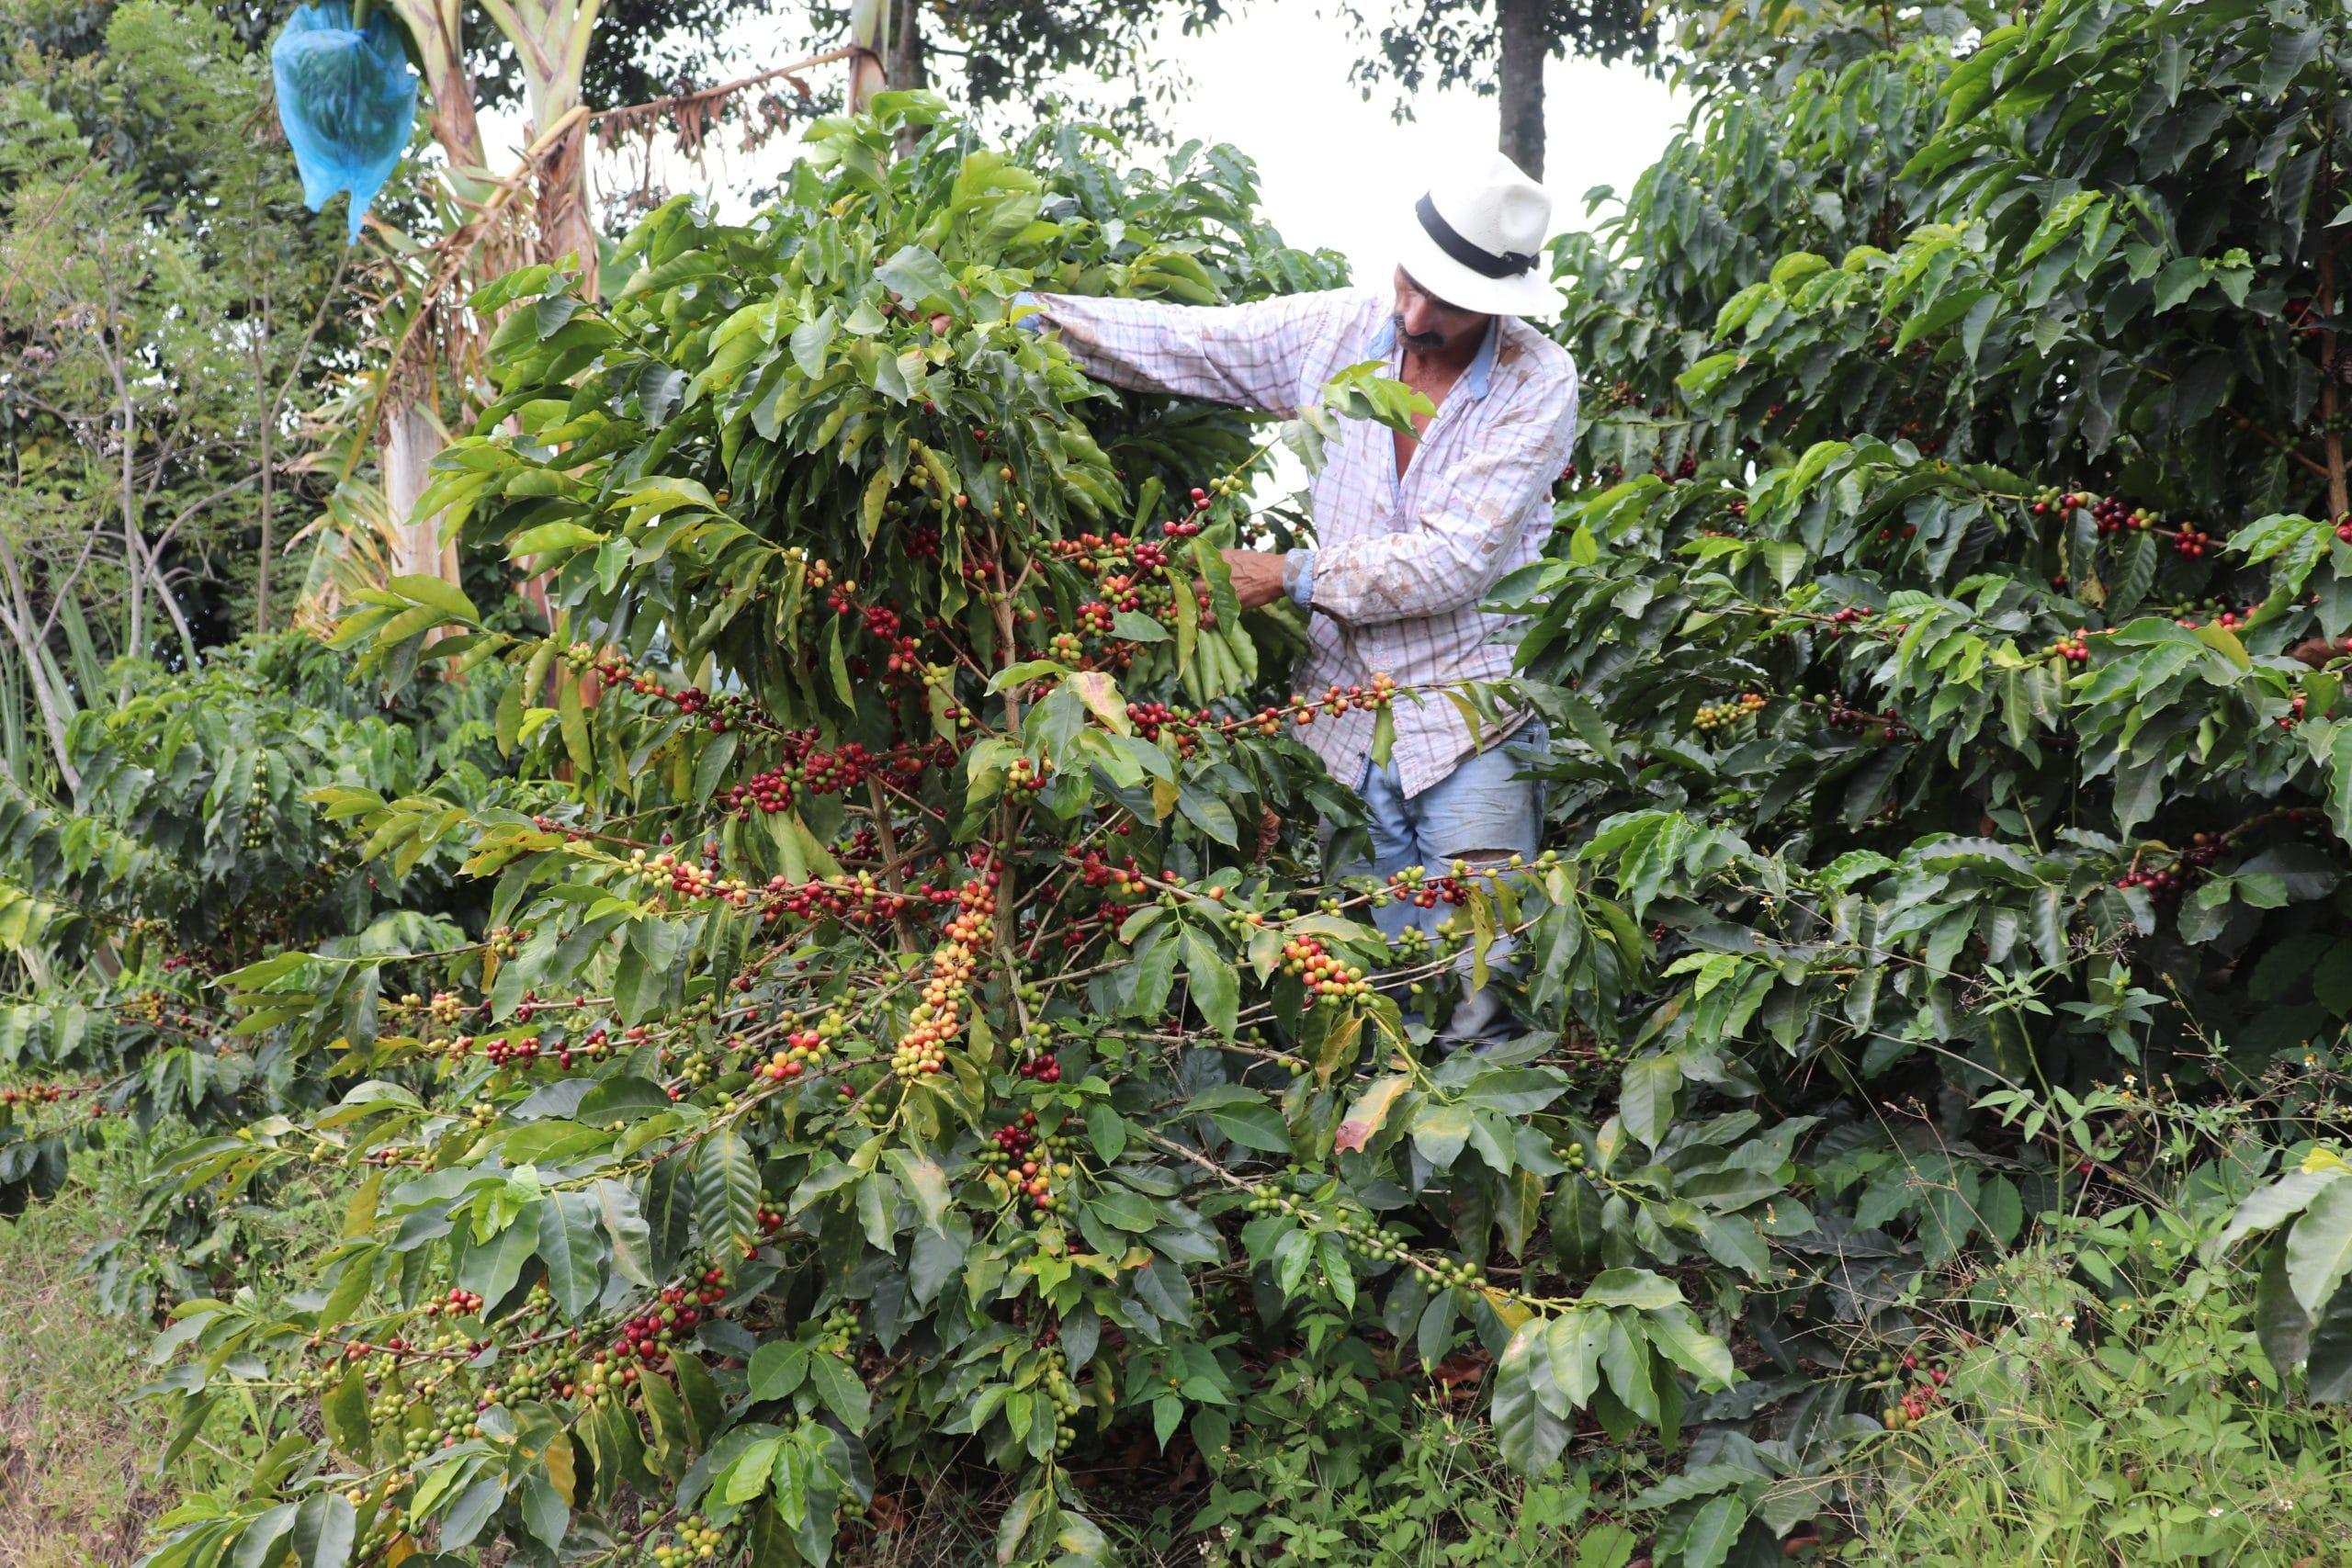 colombian coffee picker